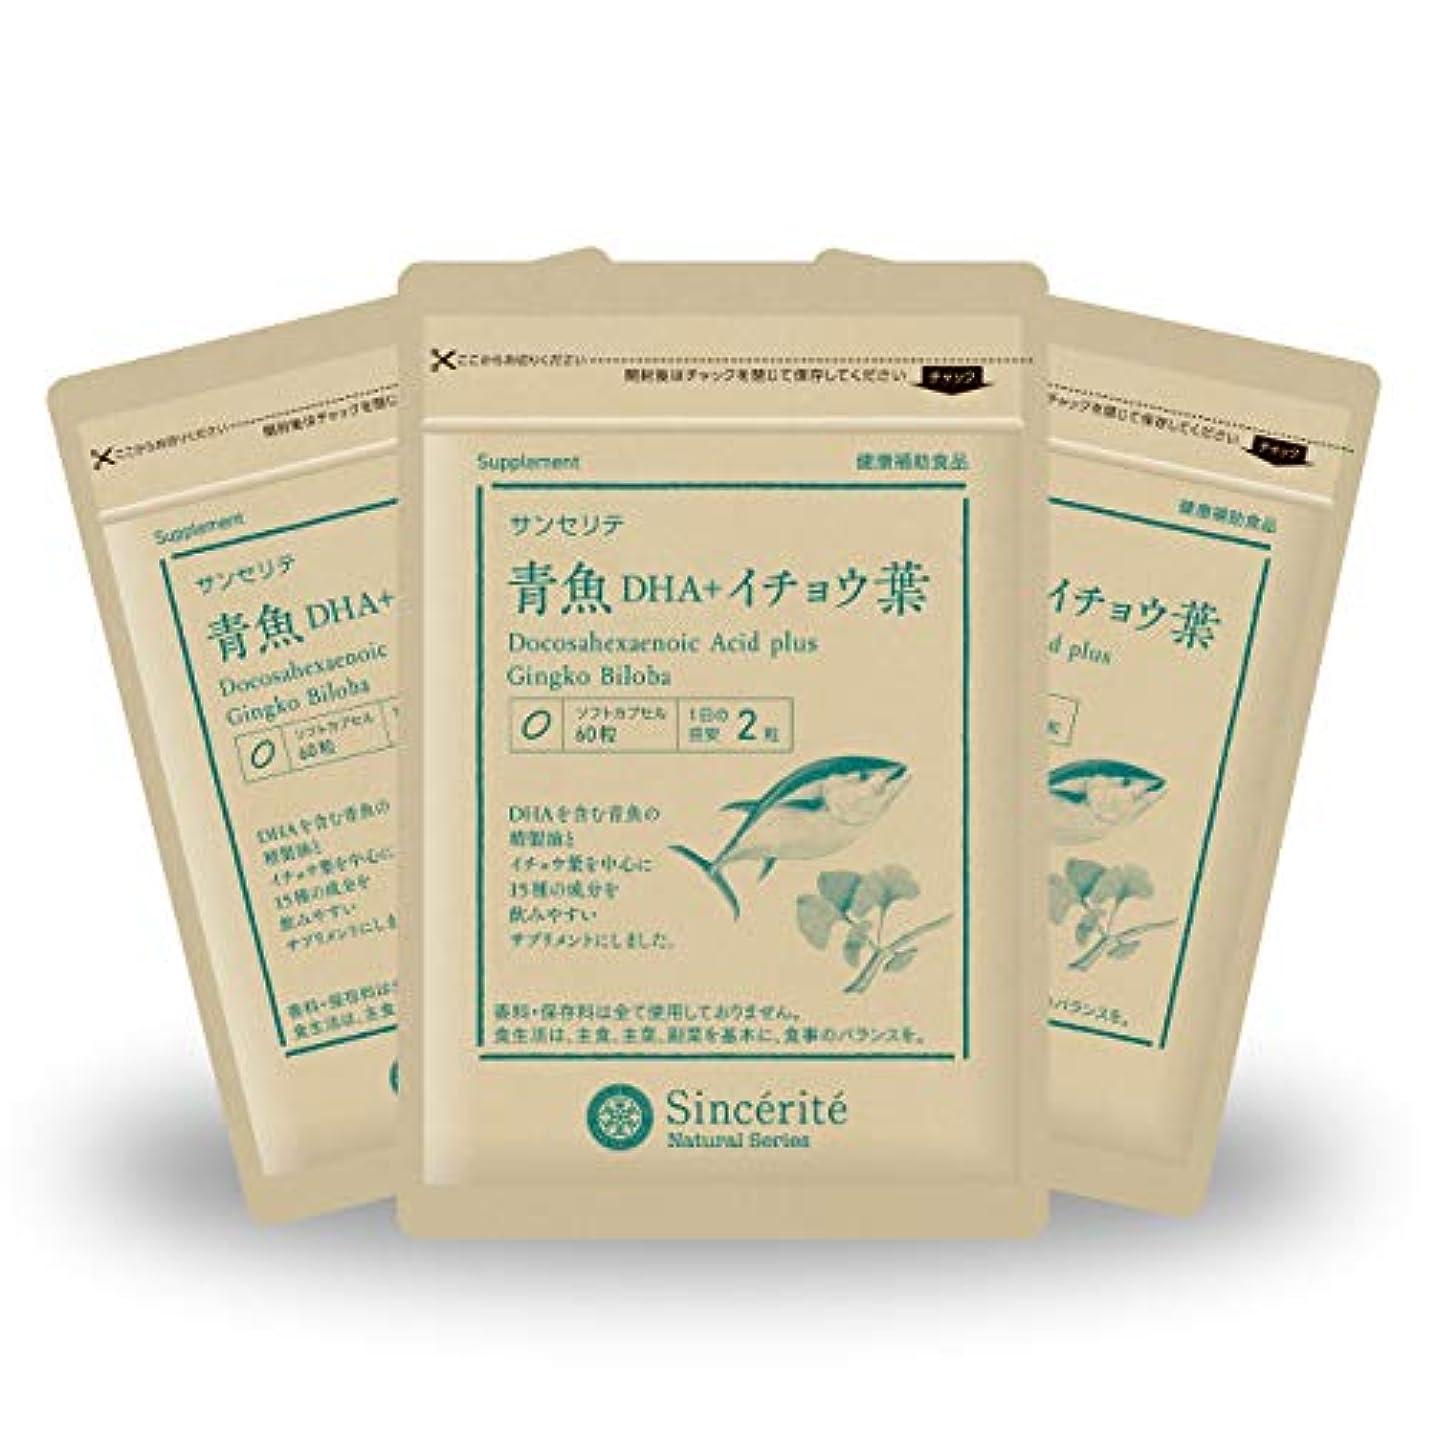 無秩序小説家スコットランド人青魚DHA+イチョウ葉 3袋セット[送料無料][DHA]101mg配合[国内製造]お得な★90日分